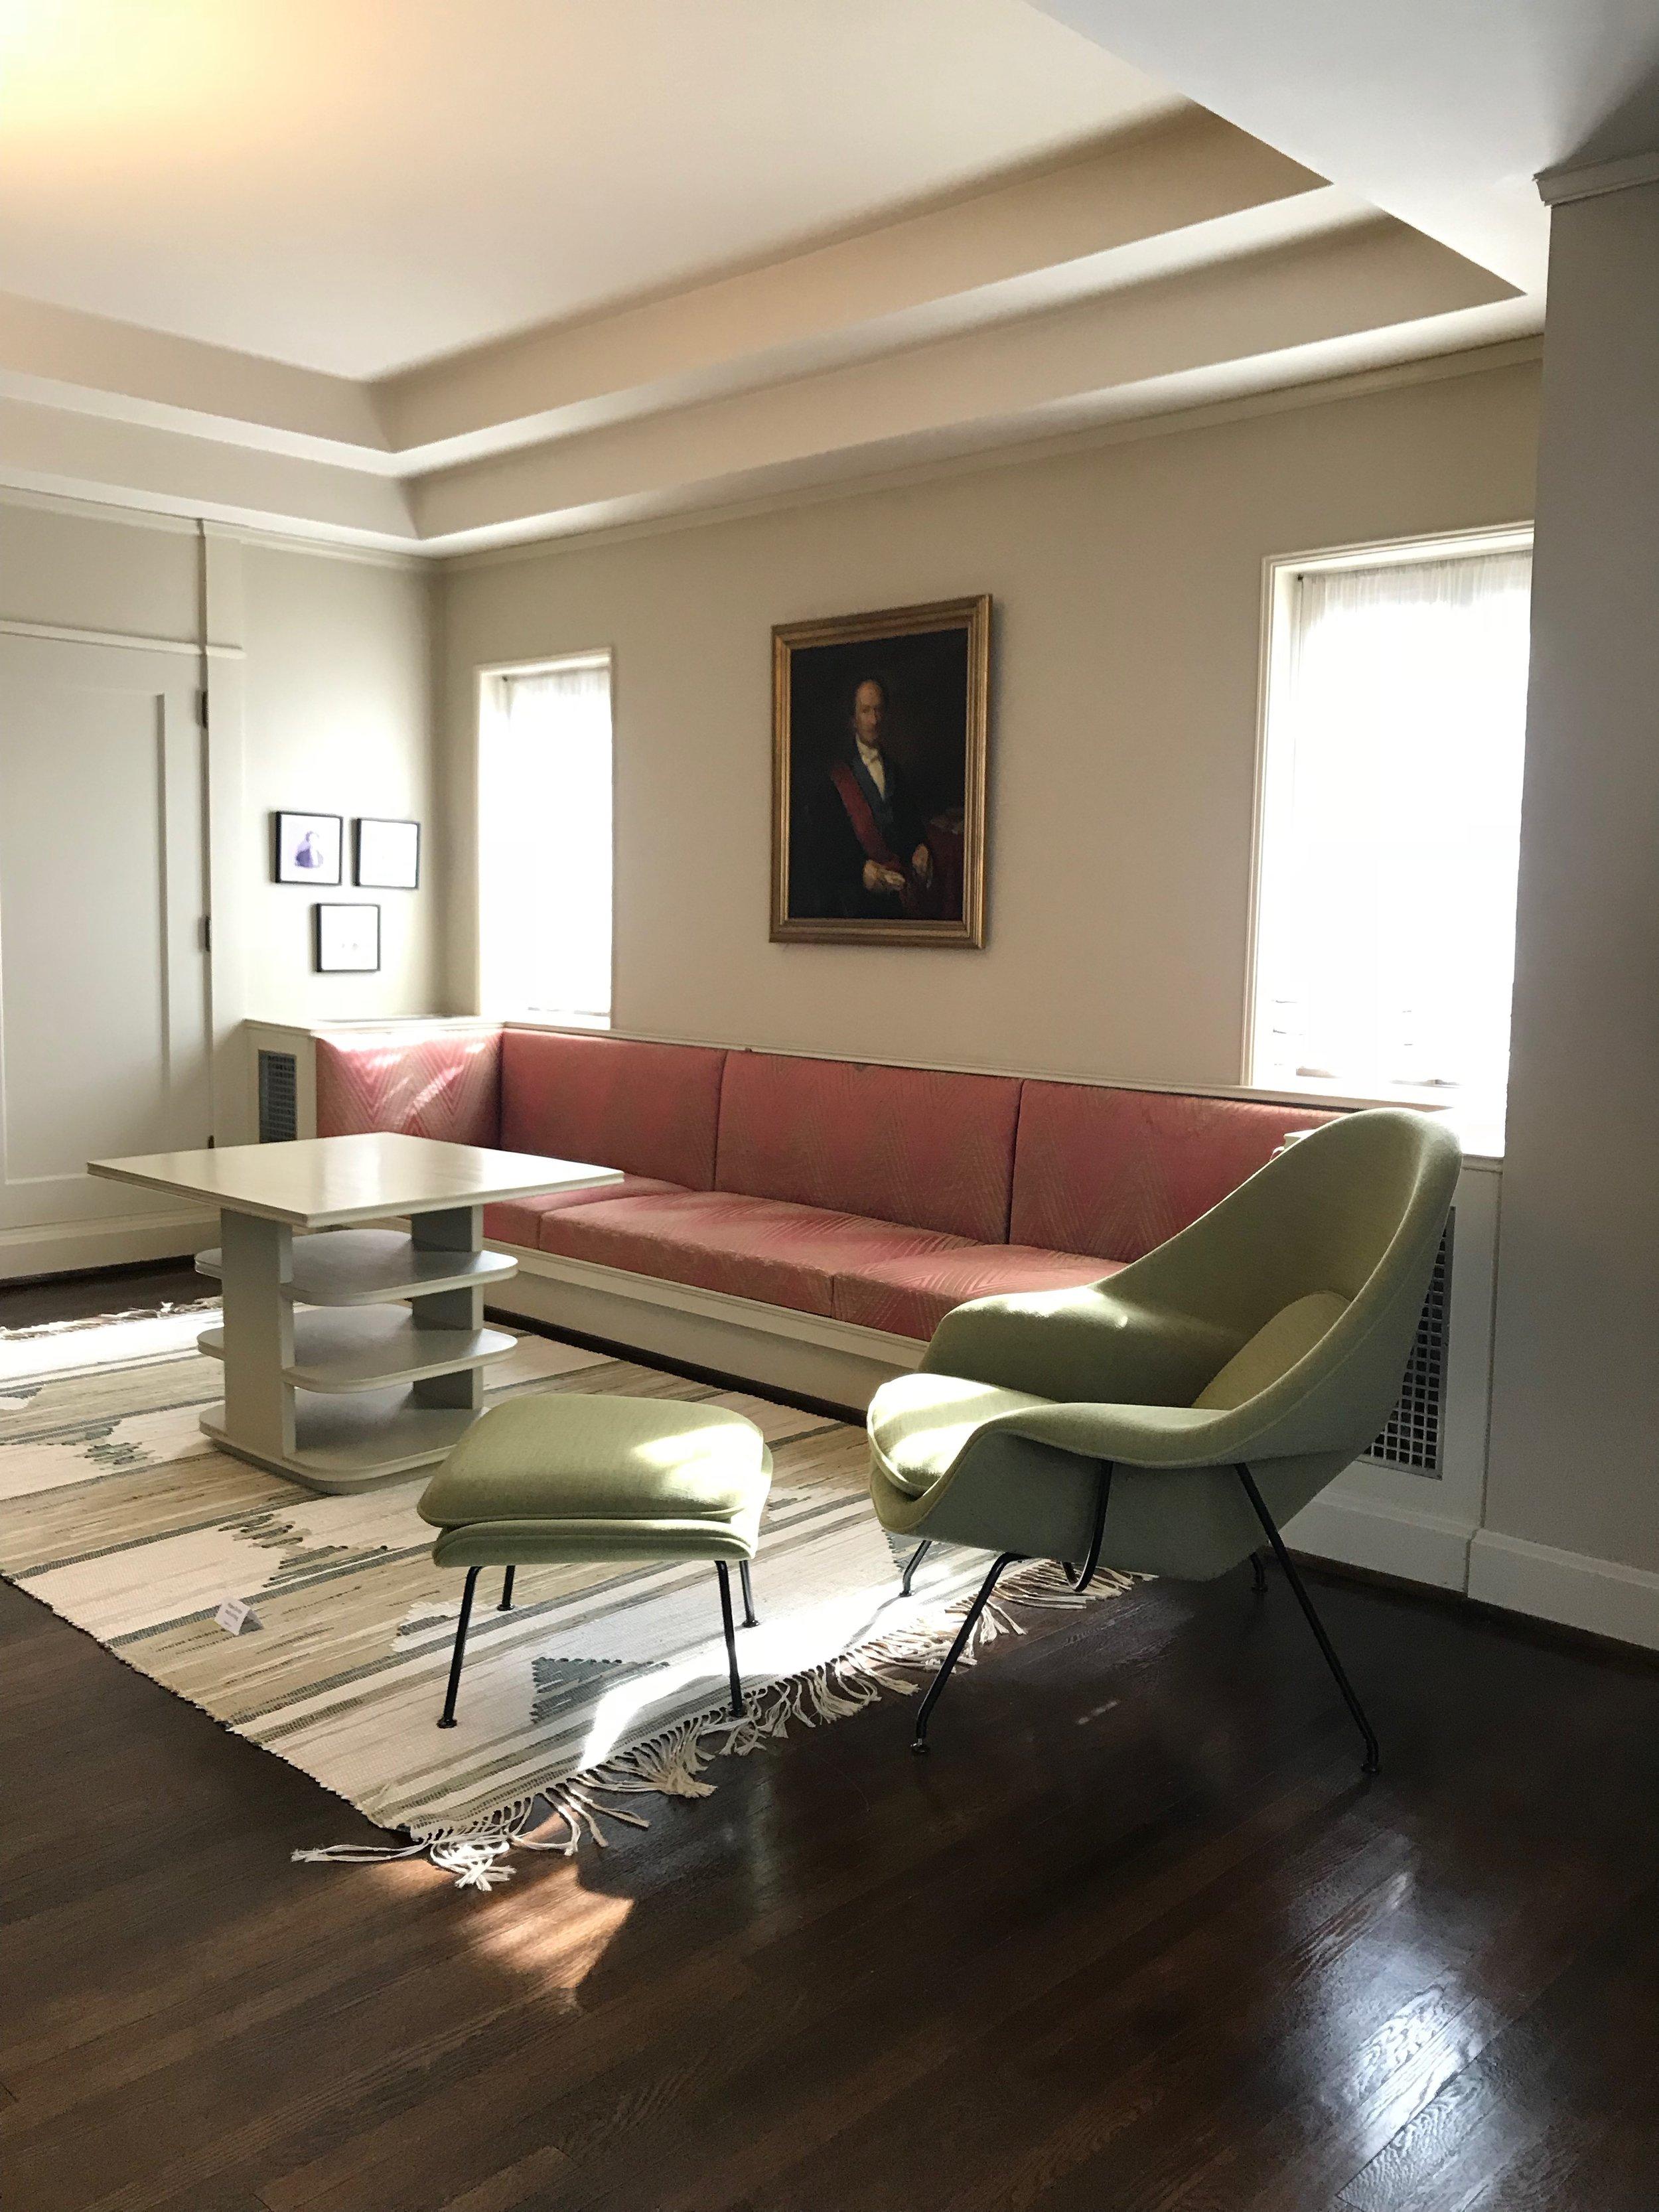 Saarinen House